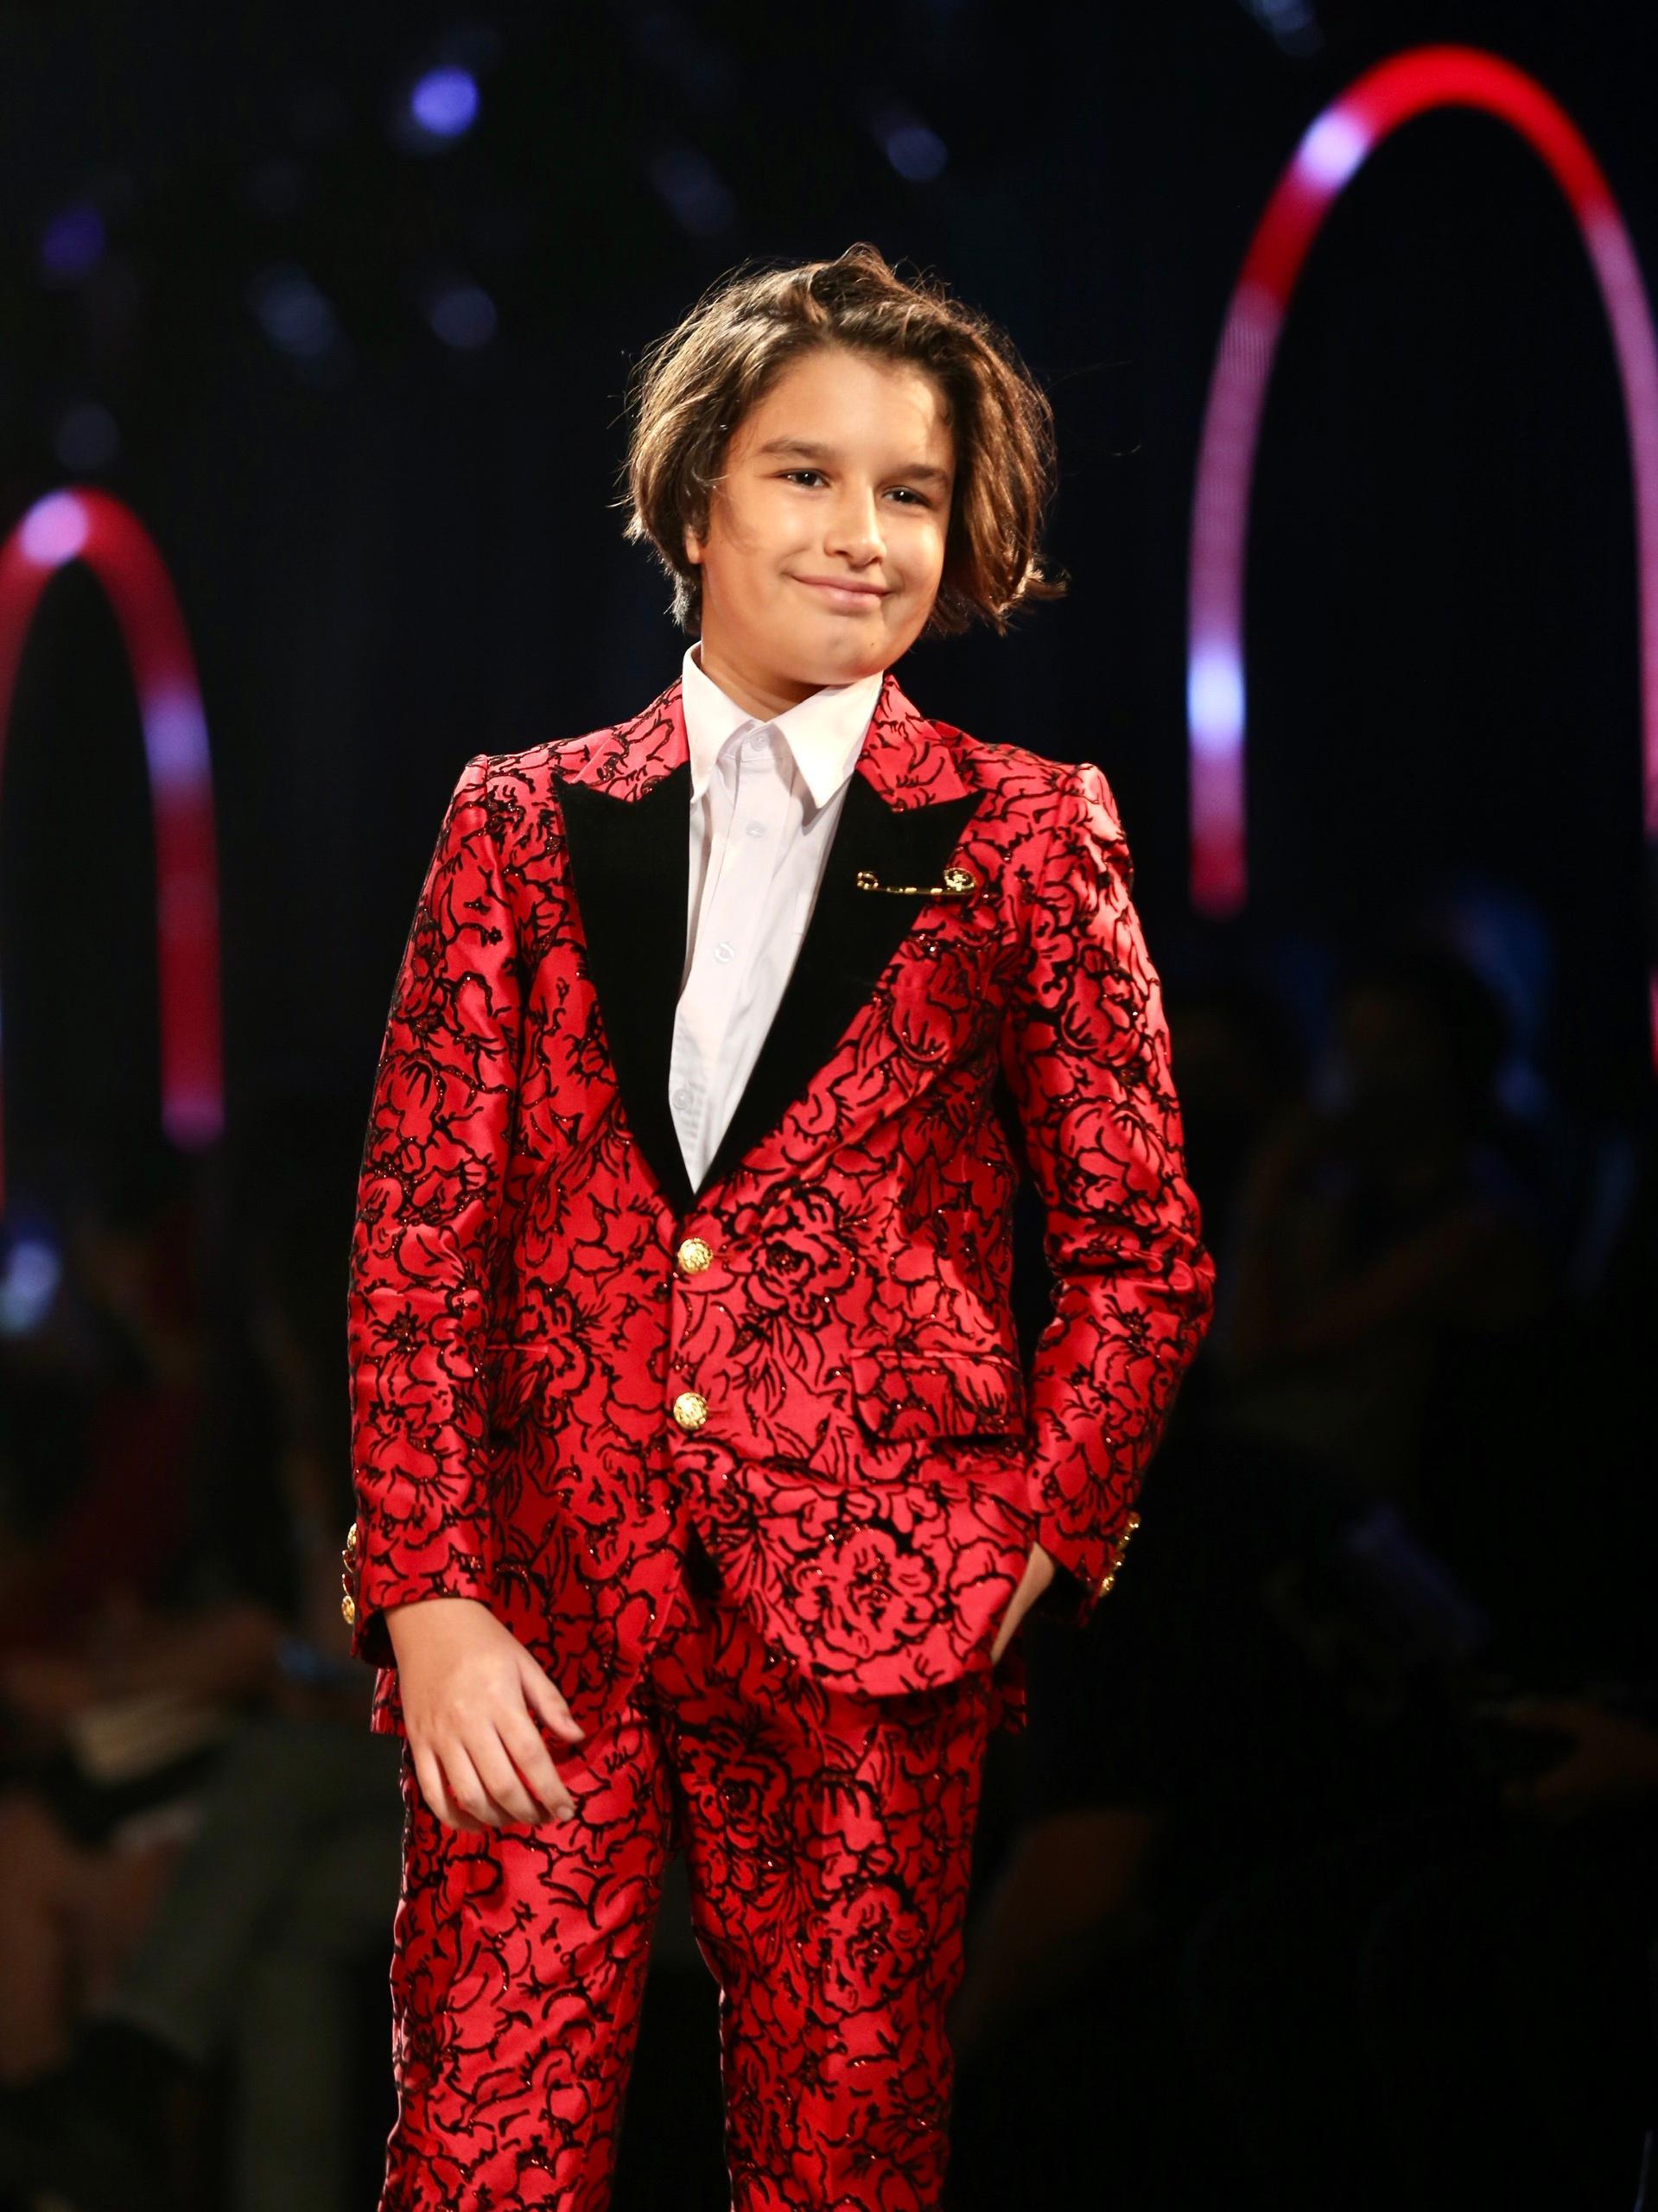 Hoa hậu Tiểu Vy mặc áo lưới gợi cảm trong show thời trang Ảnh 20